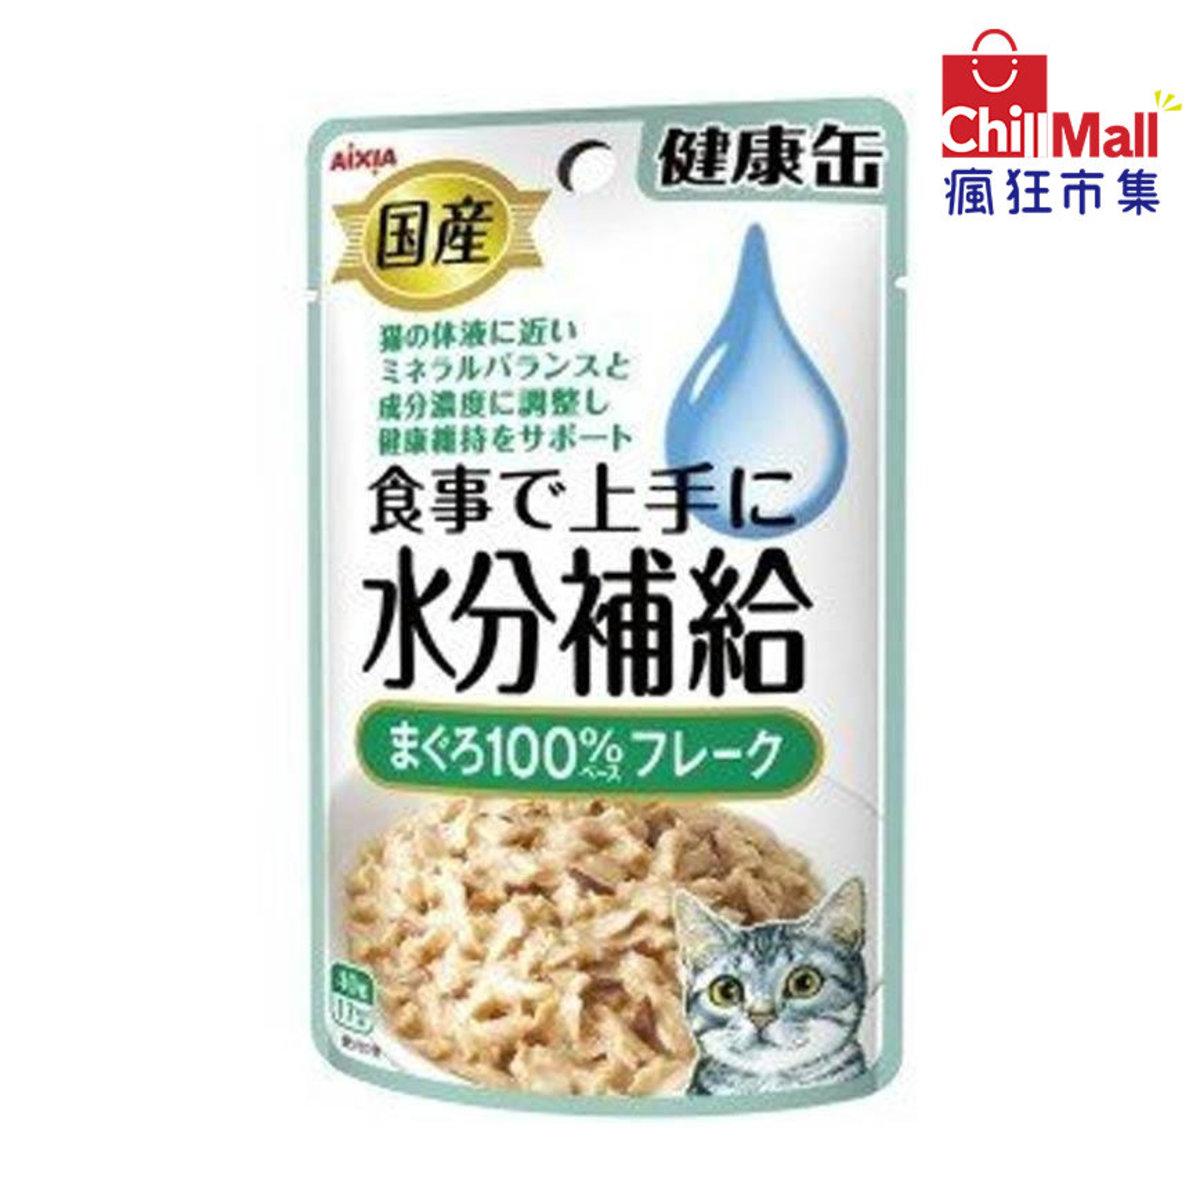 日本AIXIA愛嘉雅 健康缶水分補給濕糧包 金槍魚片味 40g (粉綠) 4715382